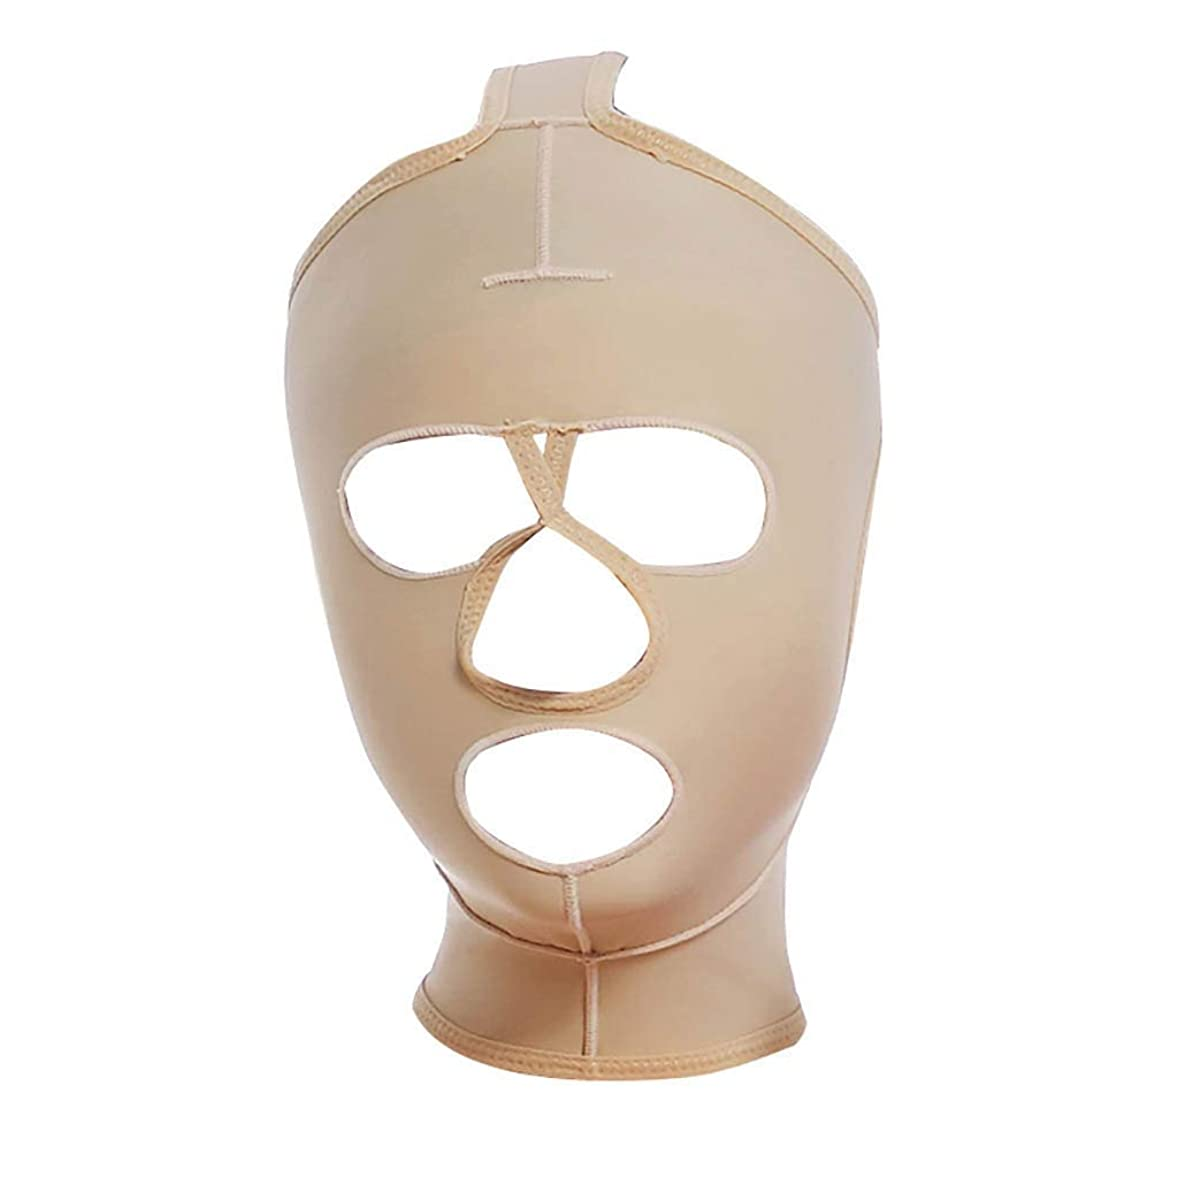 アトミックヒープドラムフェイスアンドネックリフト、減量フェイスマスク脂肪吸引術脂肪吸引術シェーピングマスクフードフェイスリフティングアーティファクトVフェイスビームフェイス弾性スリーブ(サイズ:Xl)